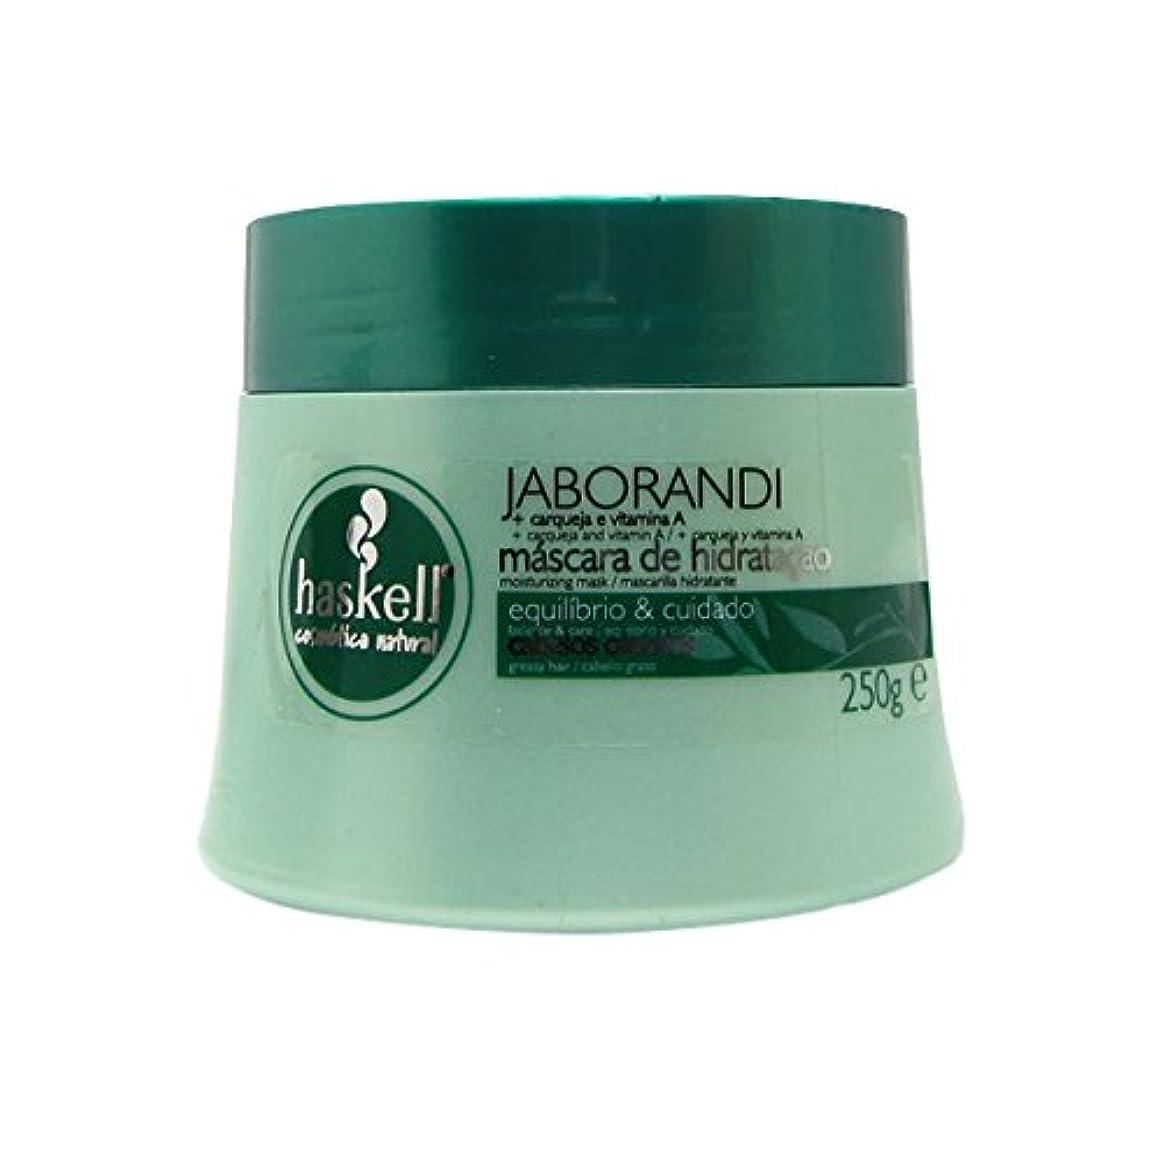 蛾ソブリケット海洋のHaskell Jaborandi Hair Mask 250g [並行輸入品]